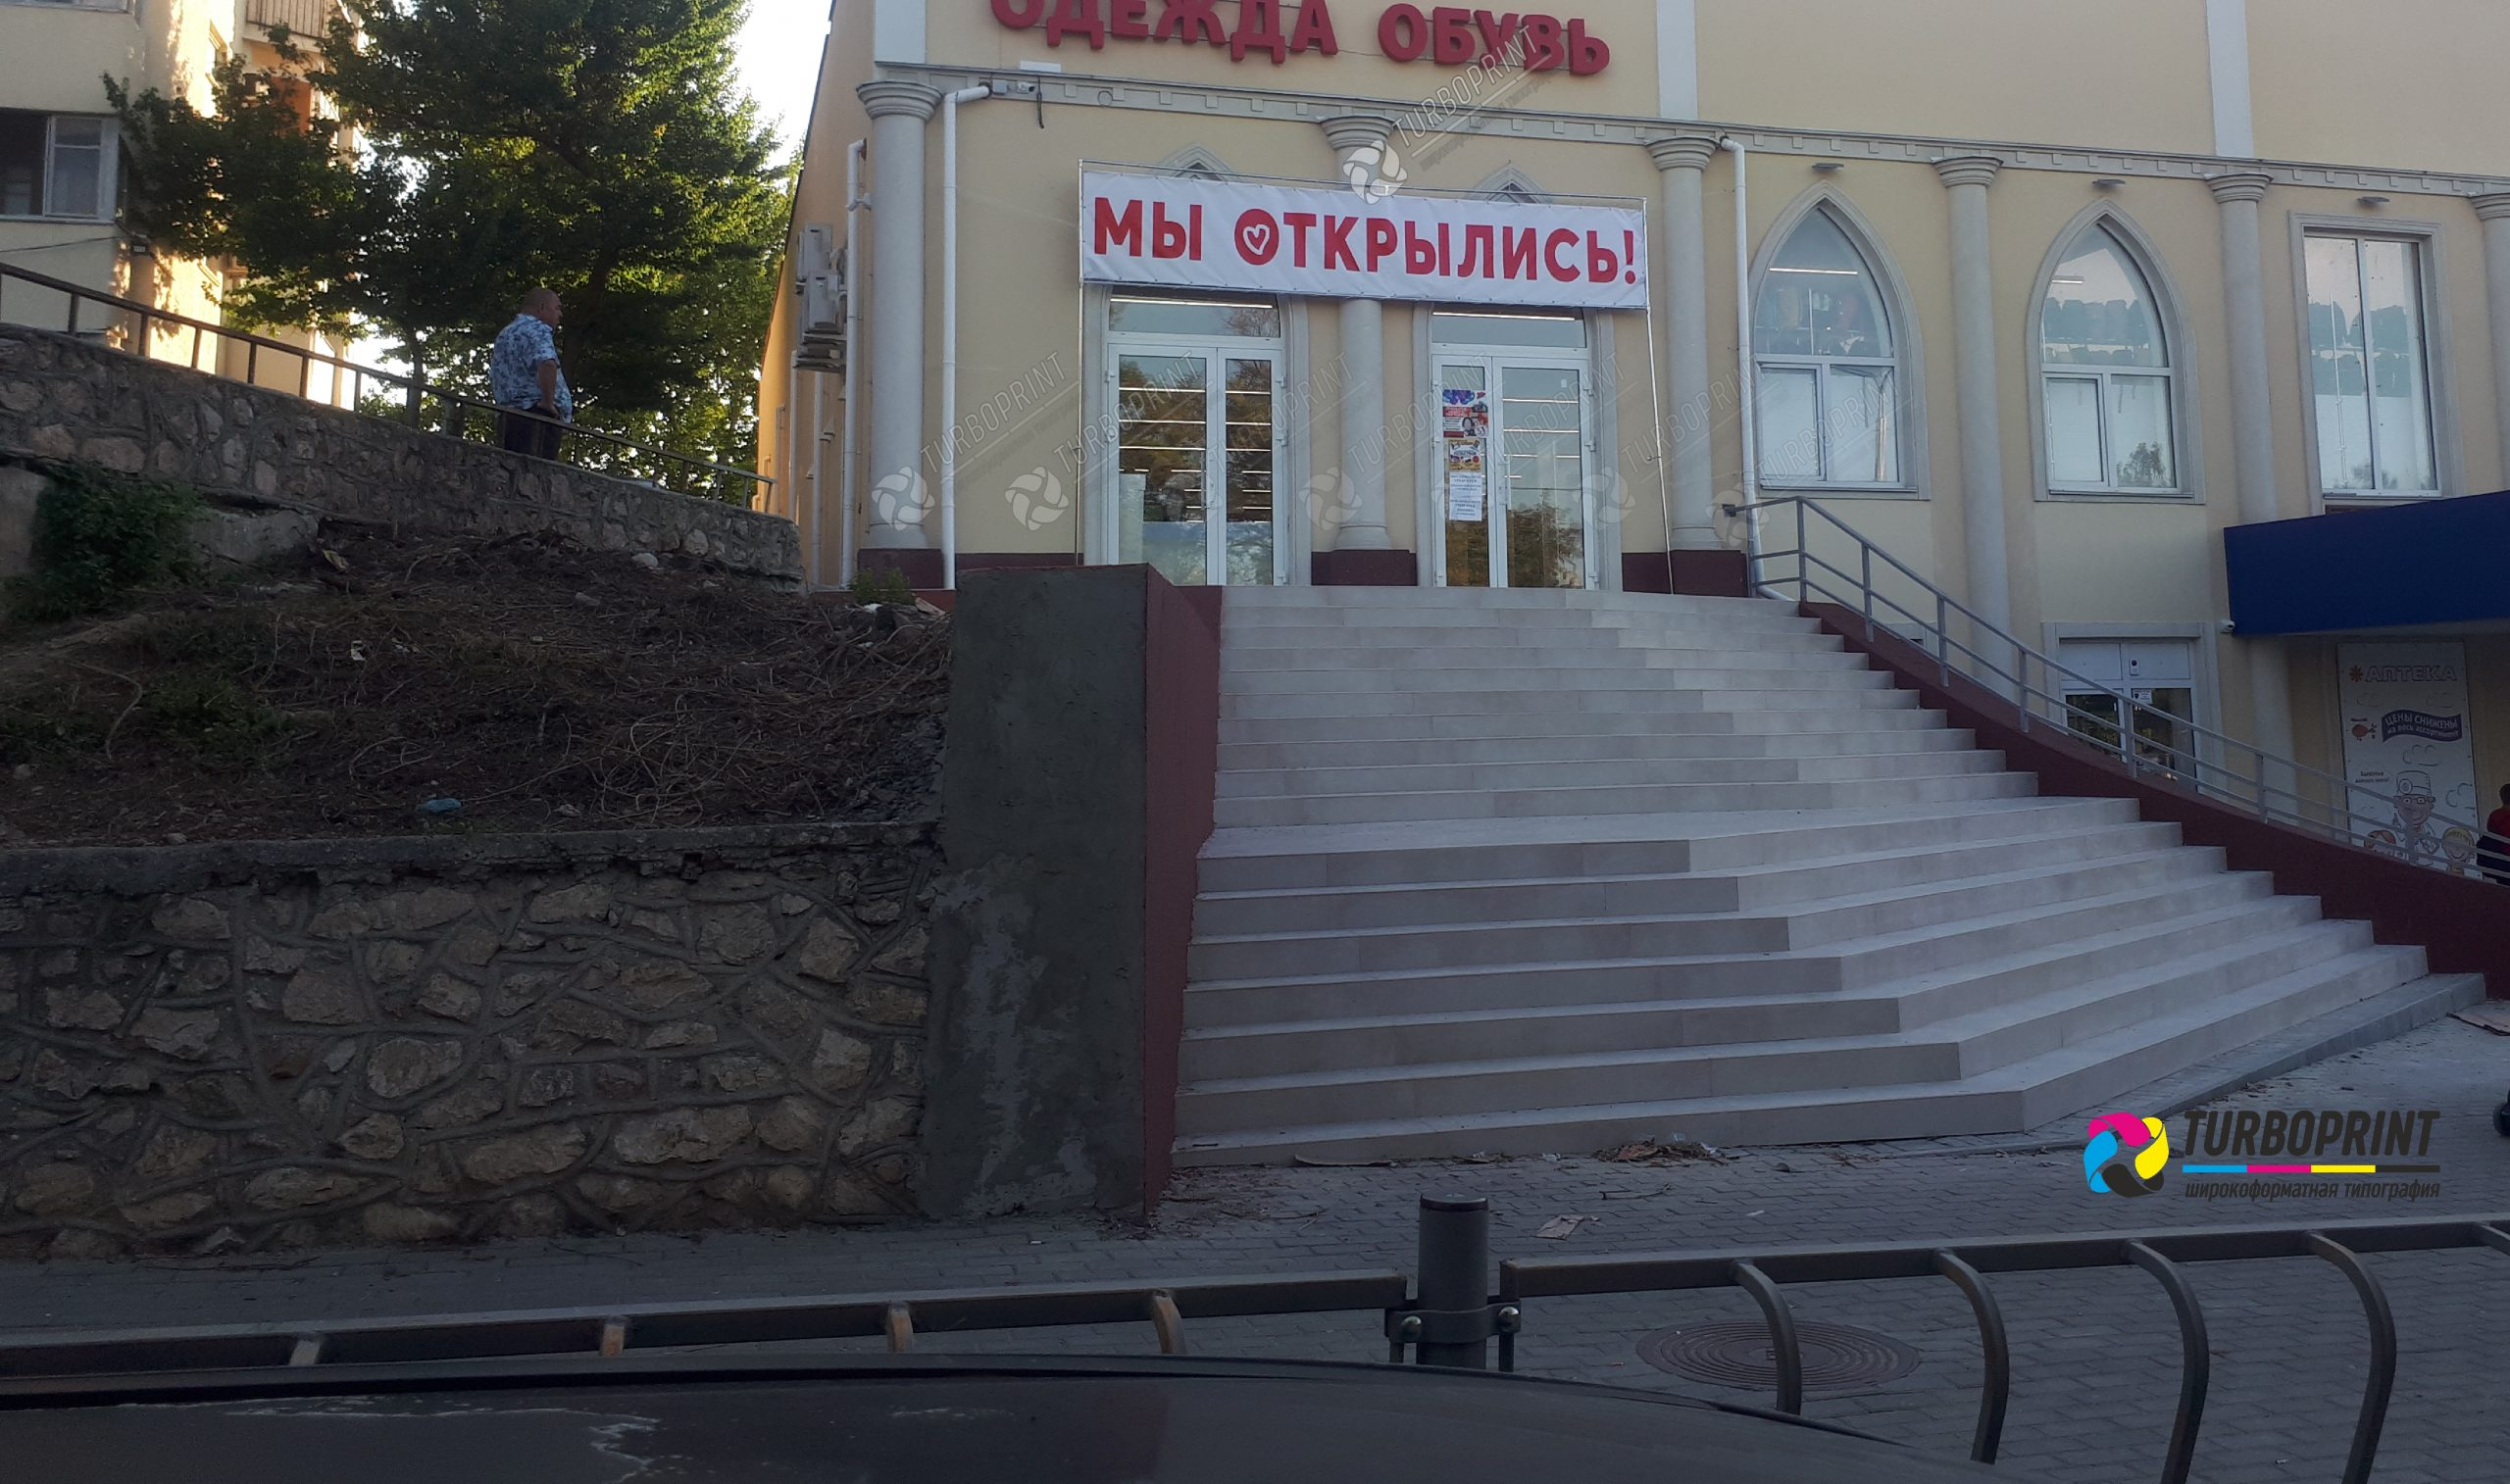 banner-myi-otkryilis-srochnaya-pechat